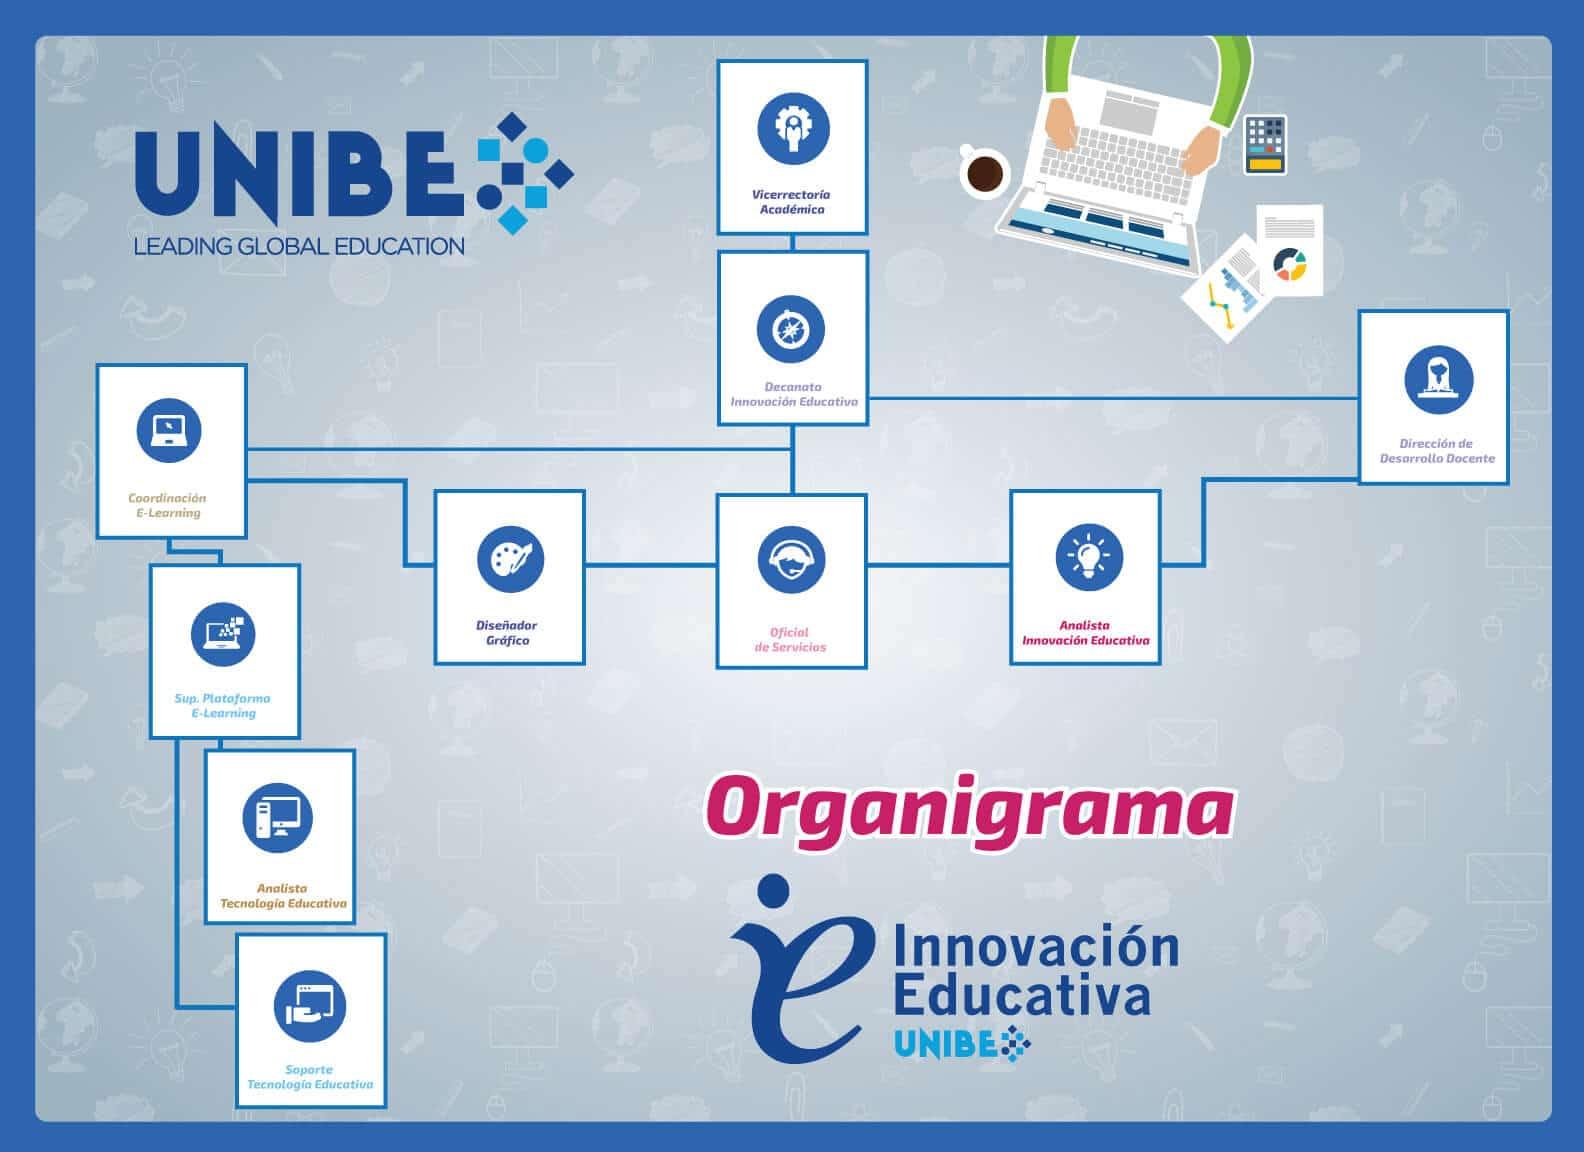 Organigrama Innovación Educativa